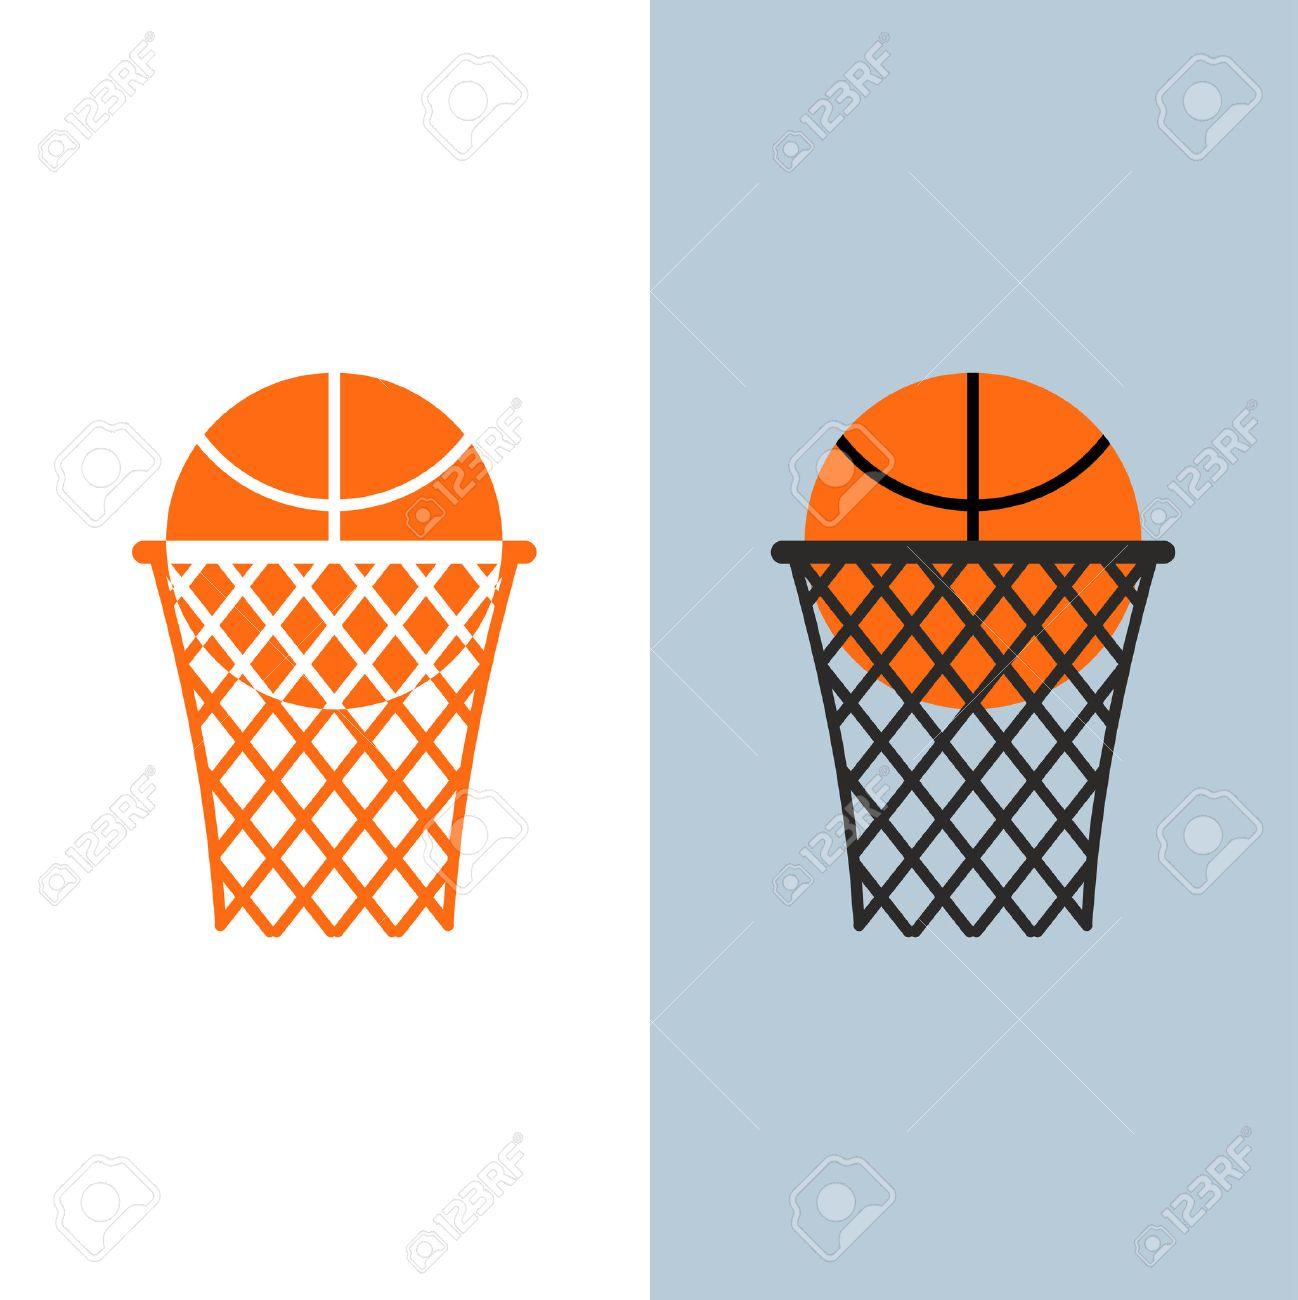 Basketball logo. Ball and net for basketball games - 39692765